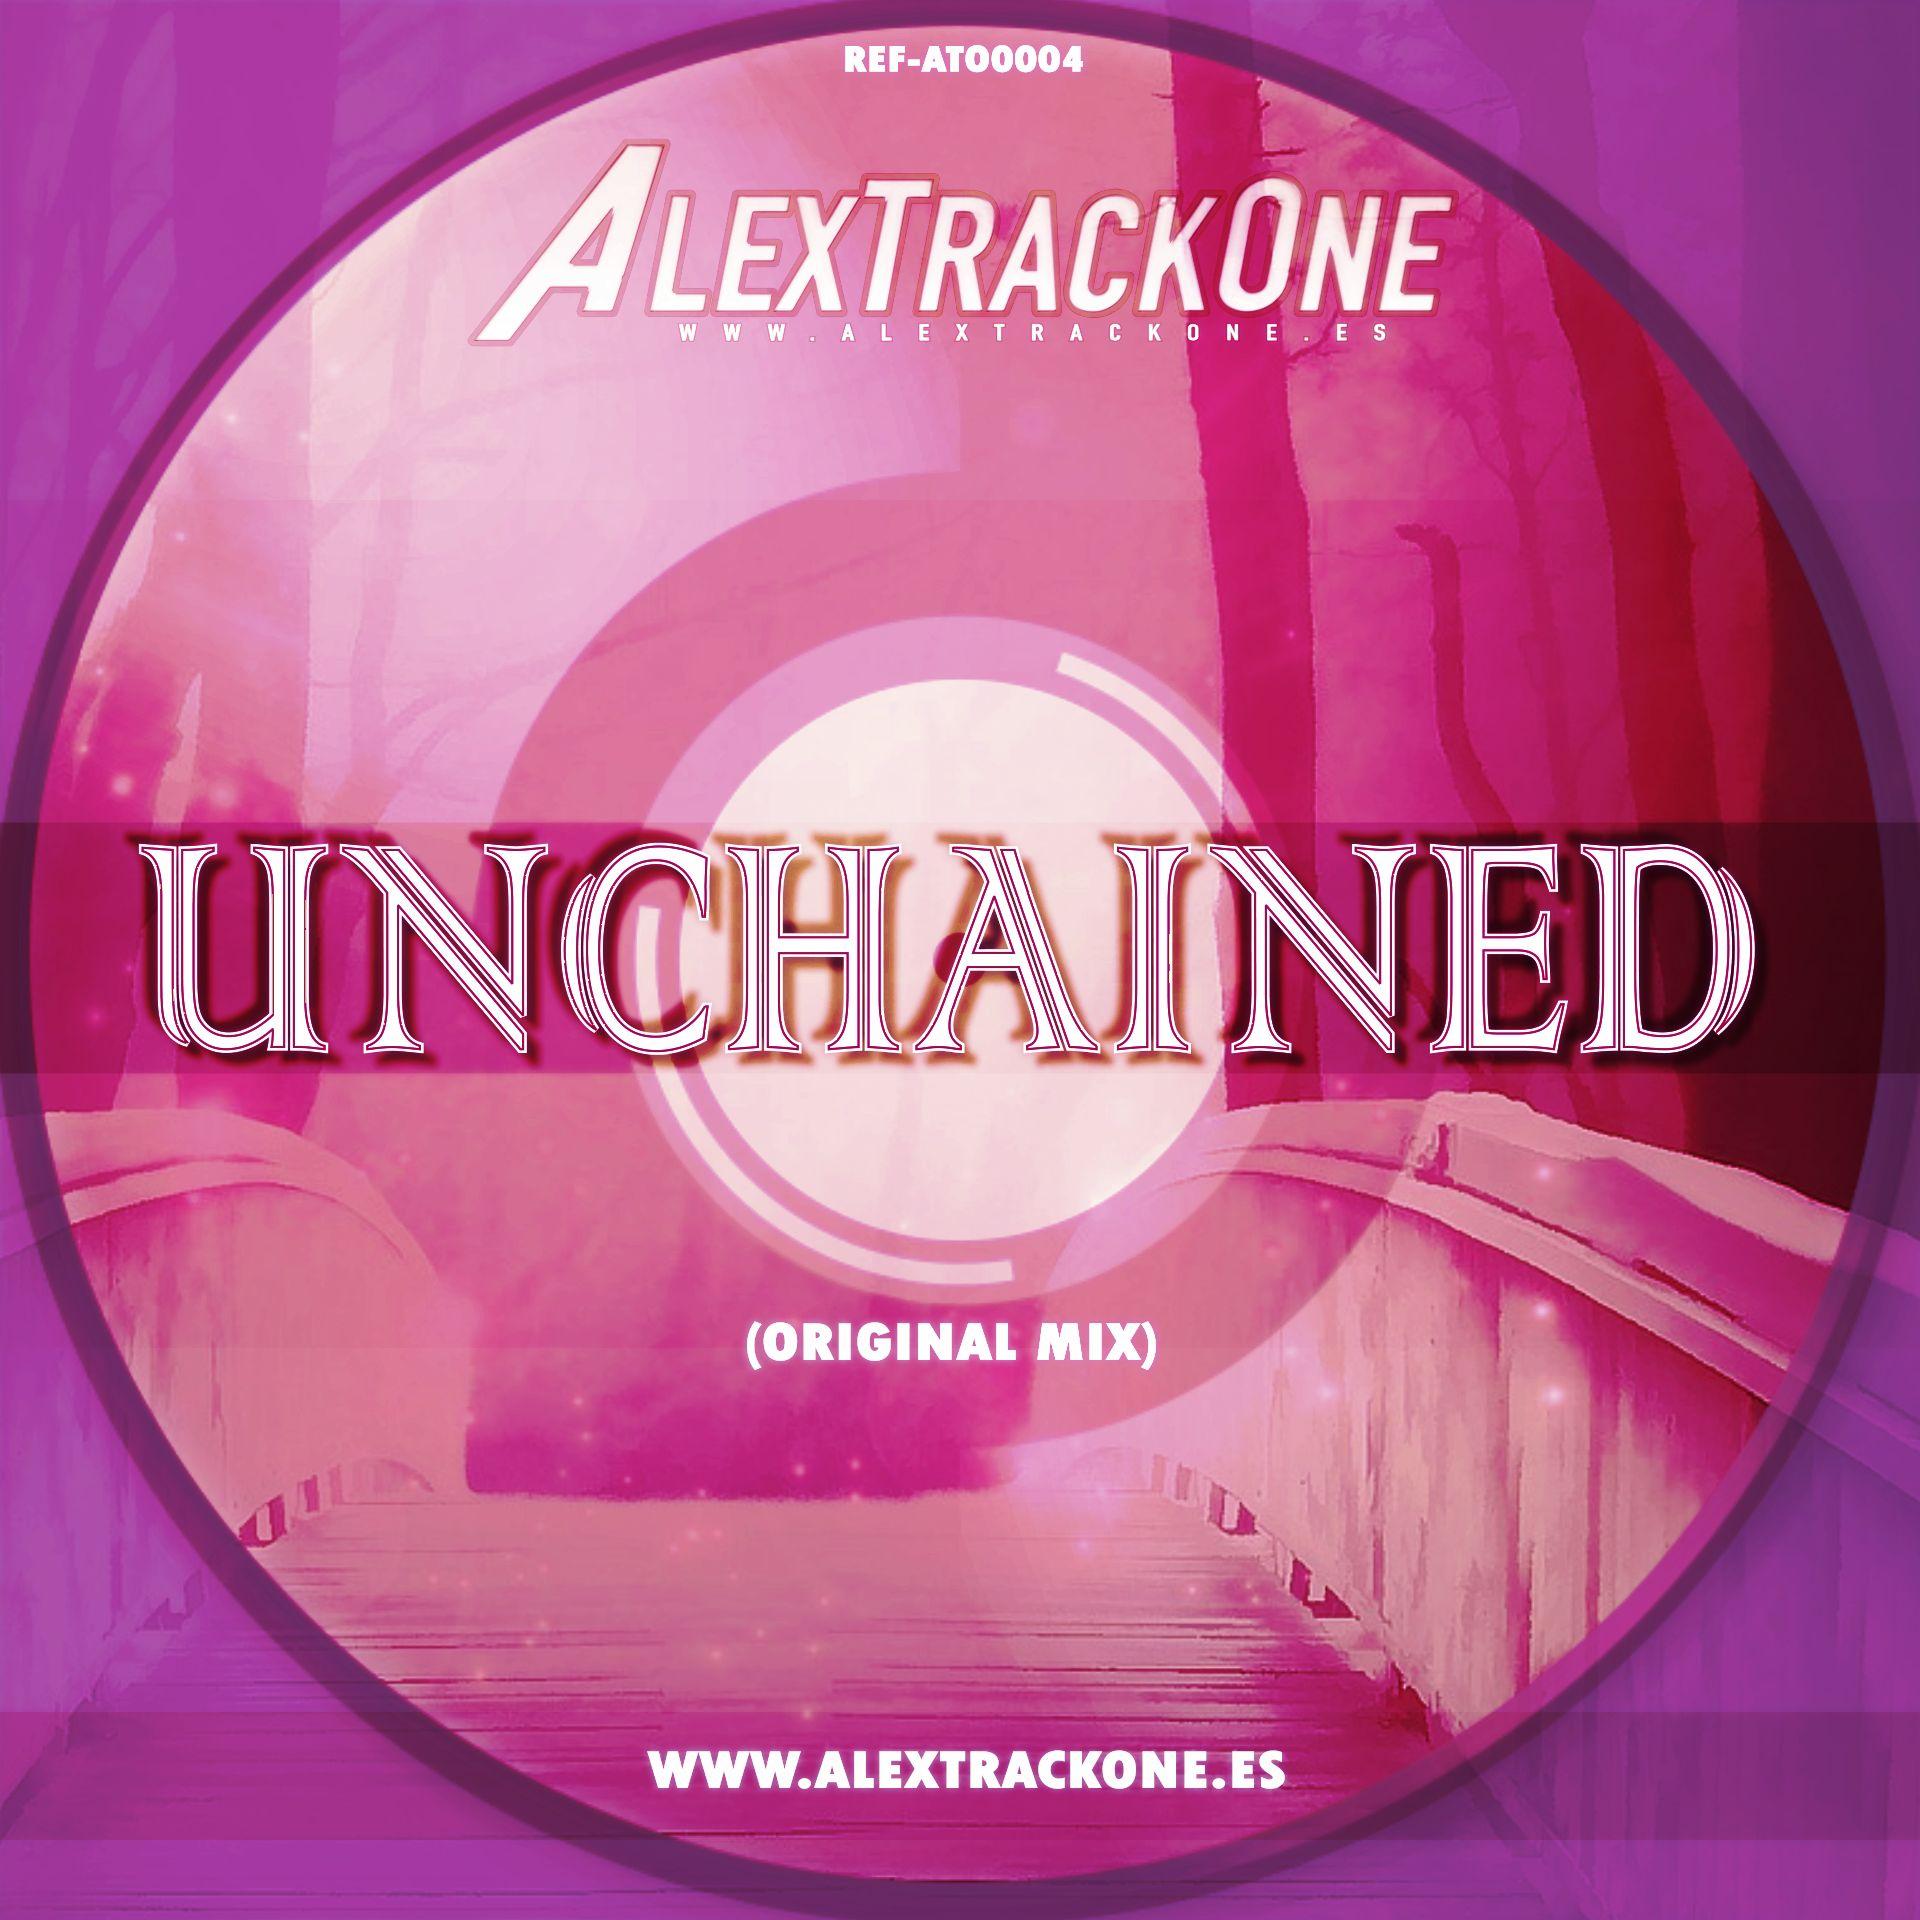 REF-ATO0004  UNCHAINED (ORIGINAL MIX) (MP3 & WAV)